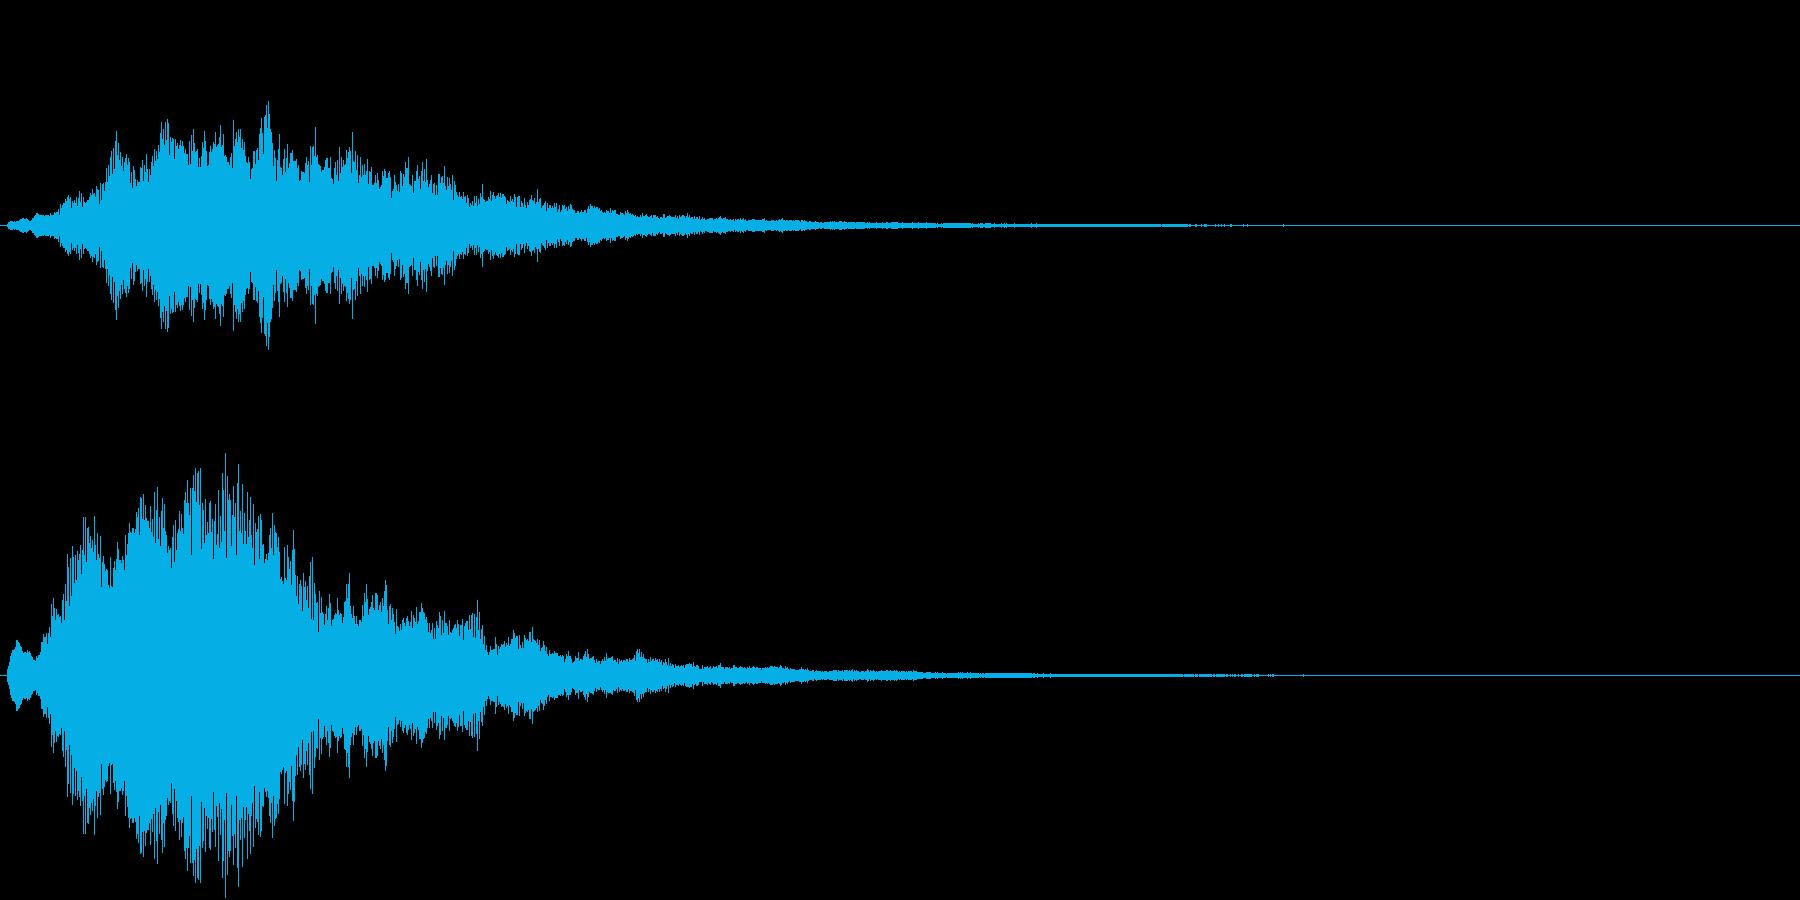 サウンドロゴ・起動時の効果音(シンプル)の再生済みの波形